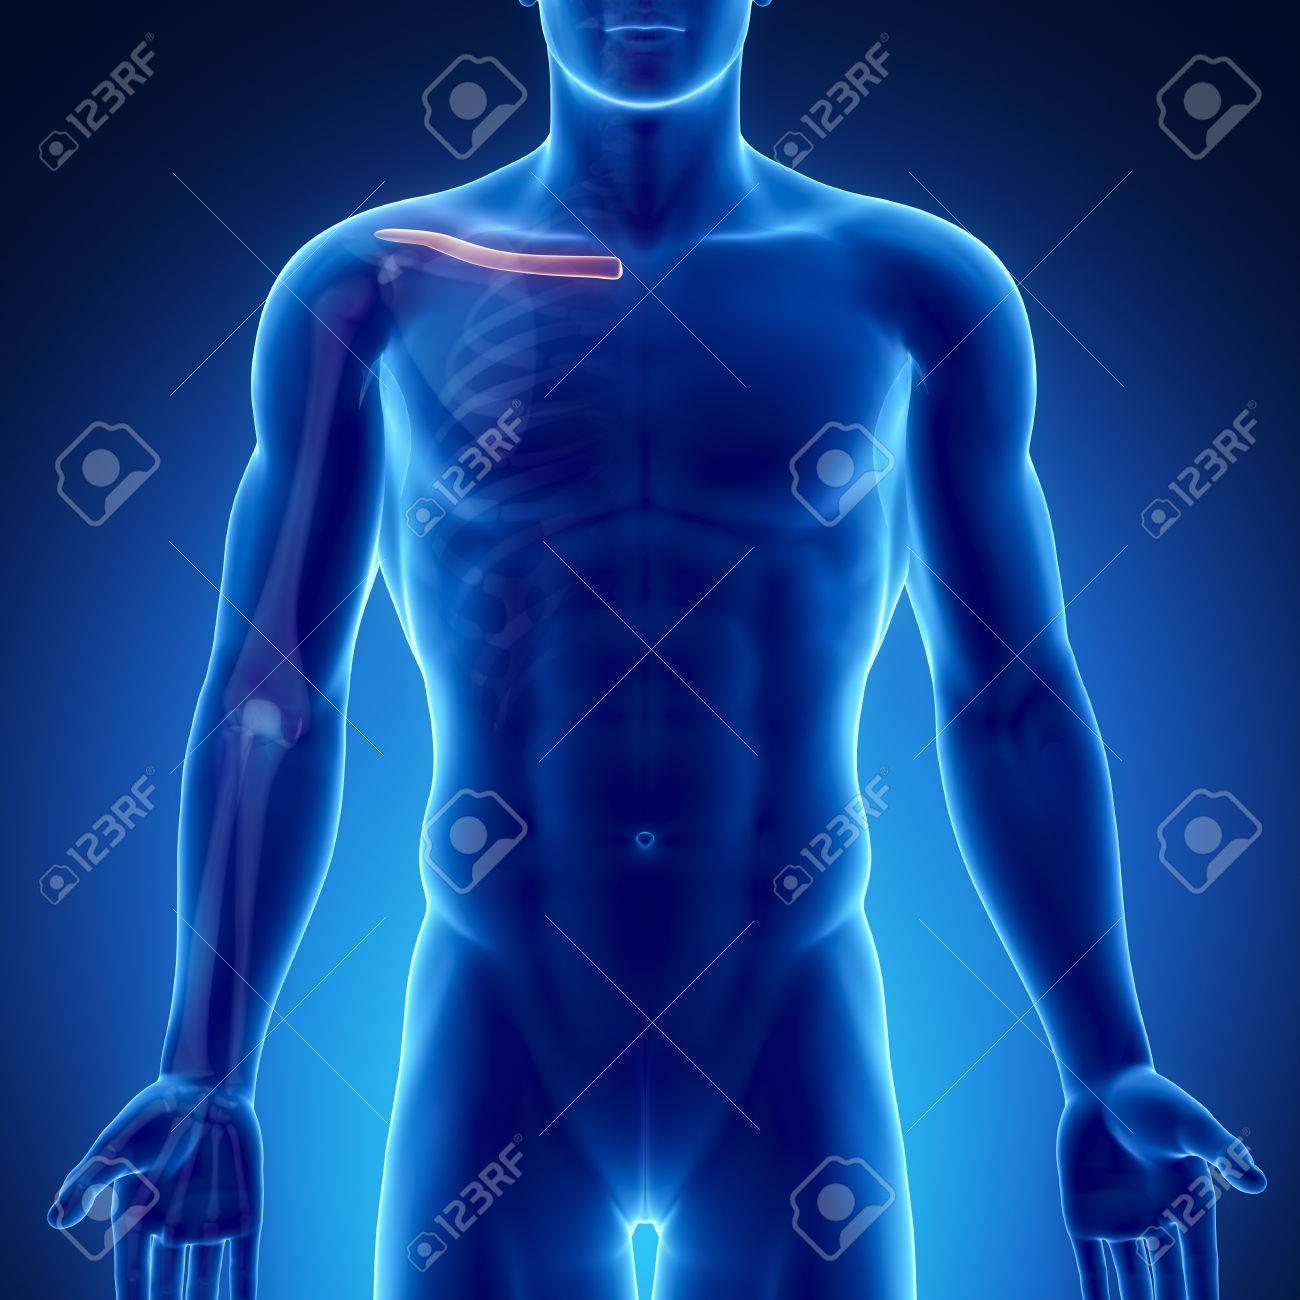 Wunderbar Thorax Knochen Anatomie Bilder - Menschliche Anatomie ...